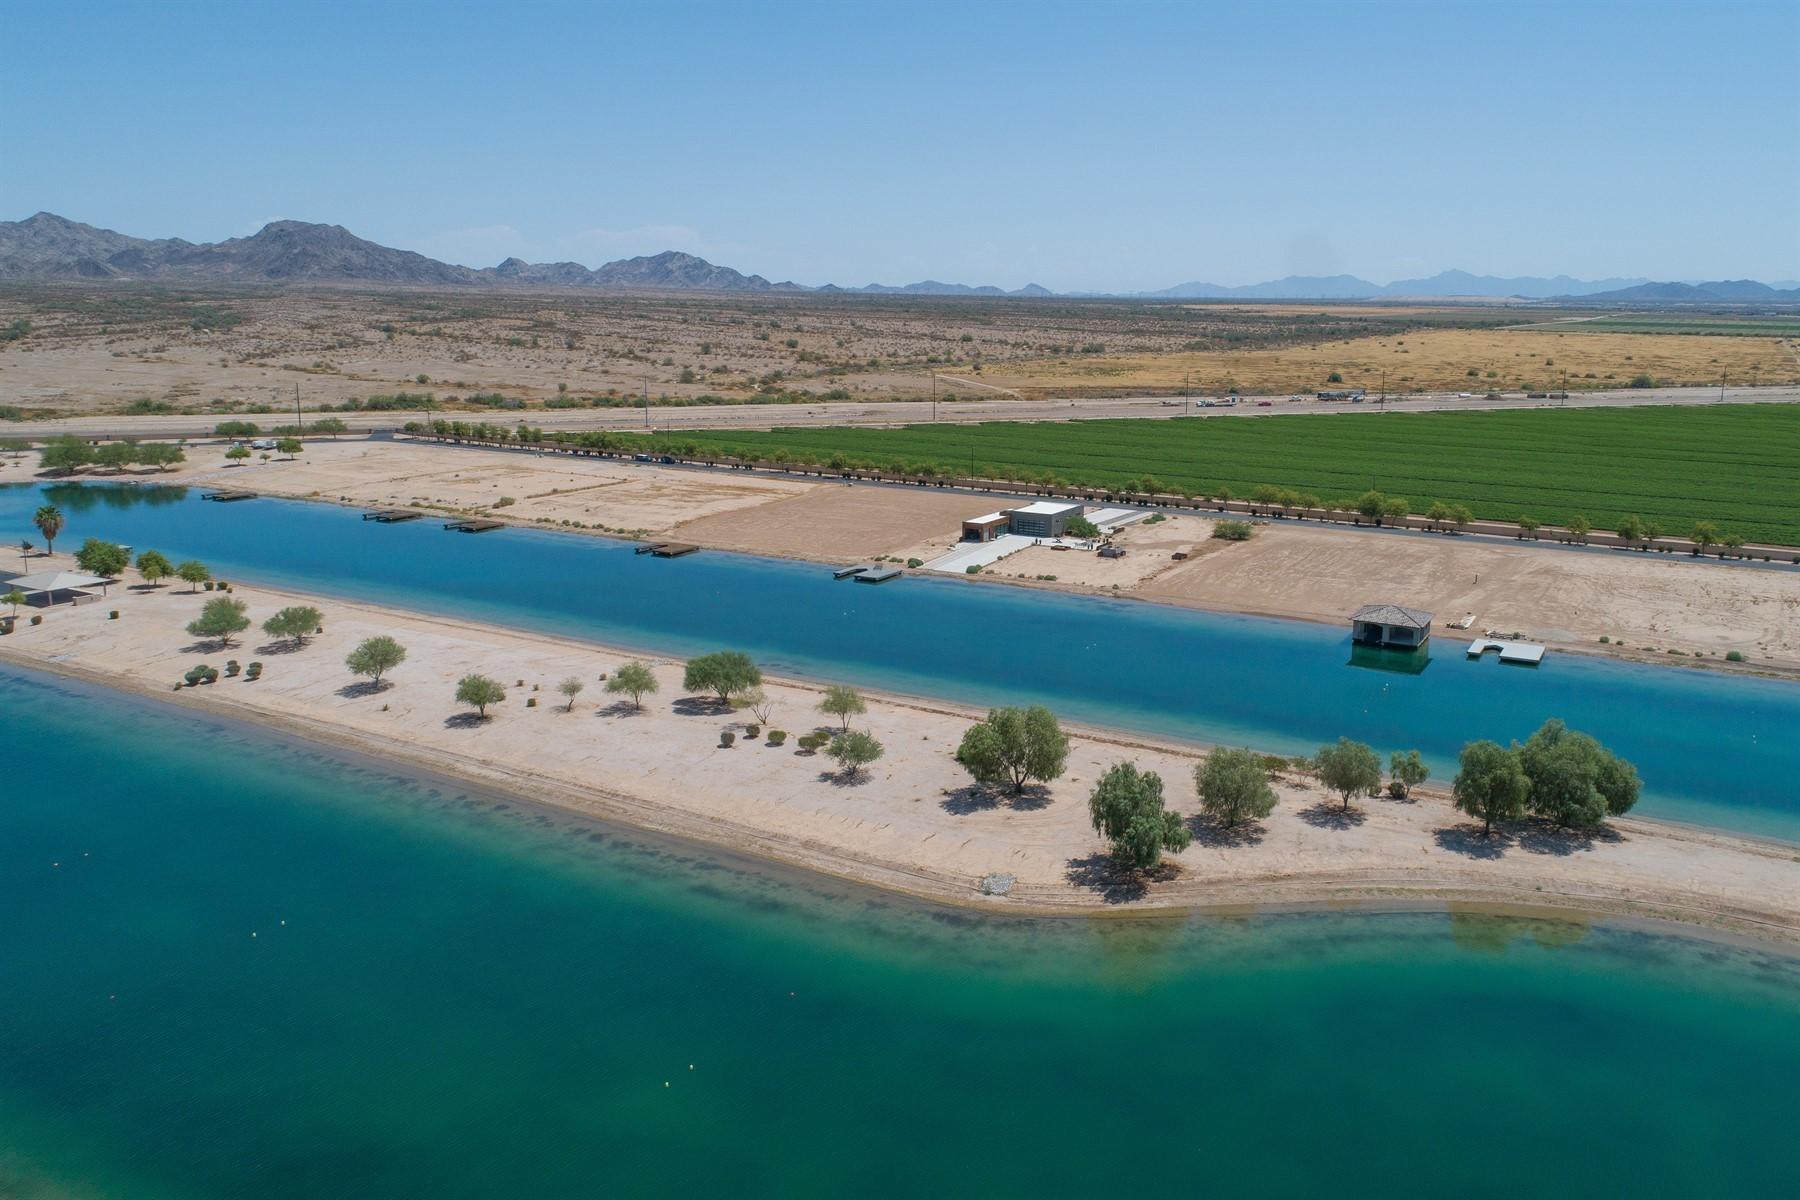 Land for Sale at Spring Mountain Ski Ranch 26106 S SPRING MOUNTAIN TRL 3 Arlington, Arizona 85322 United States